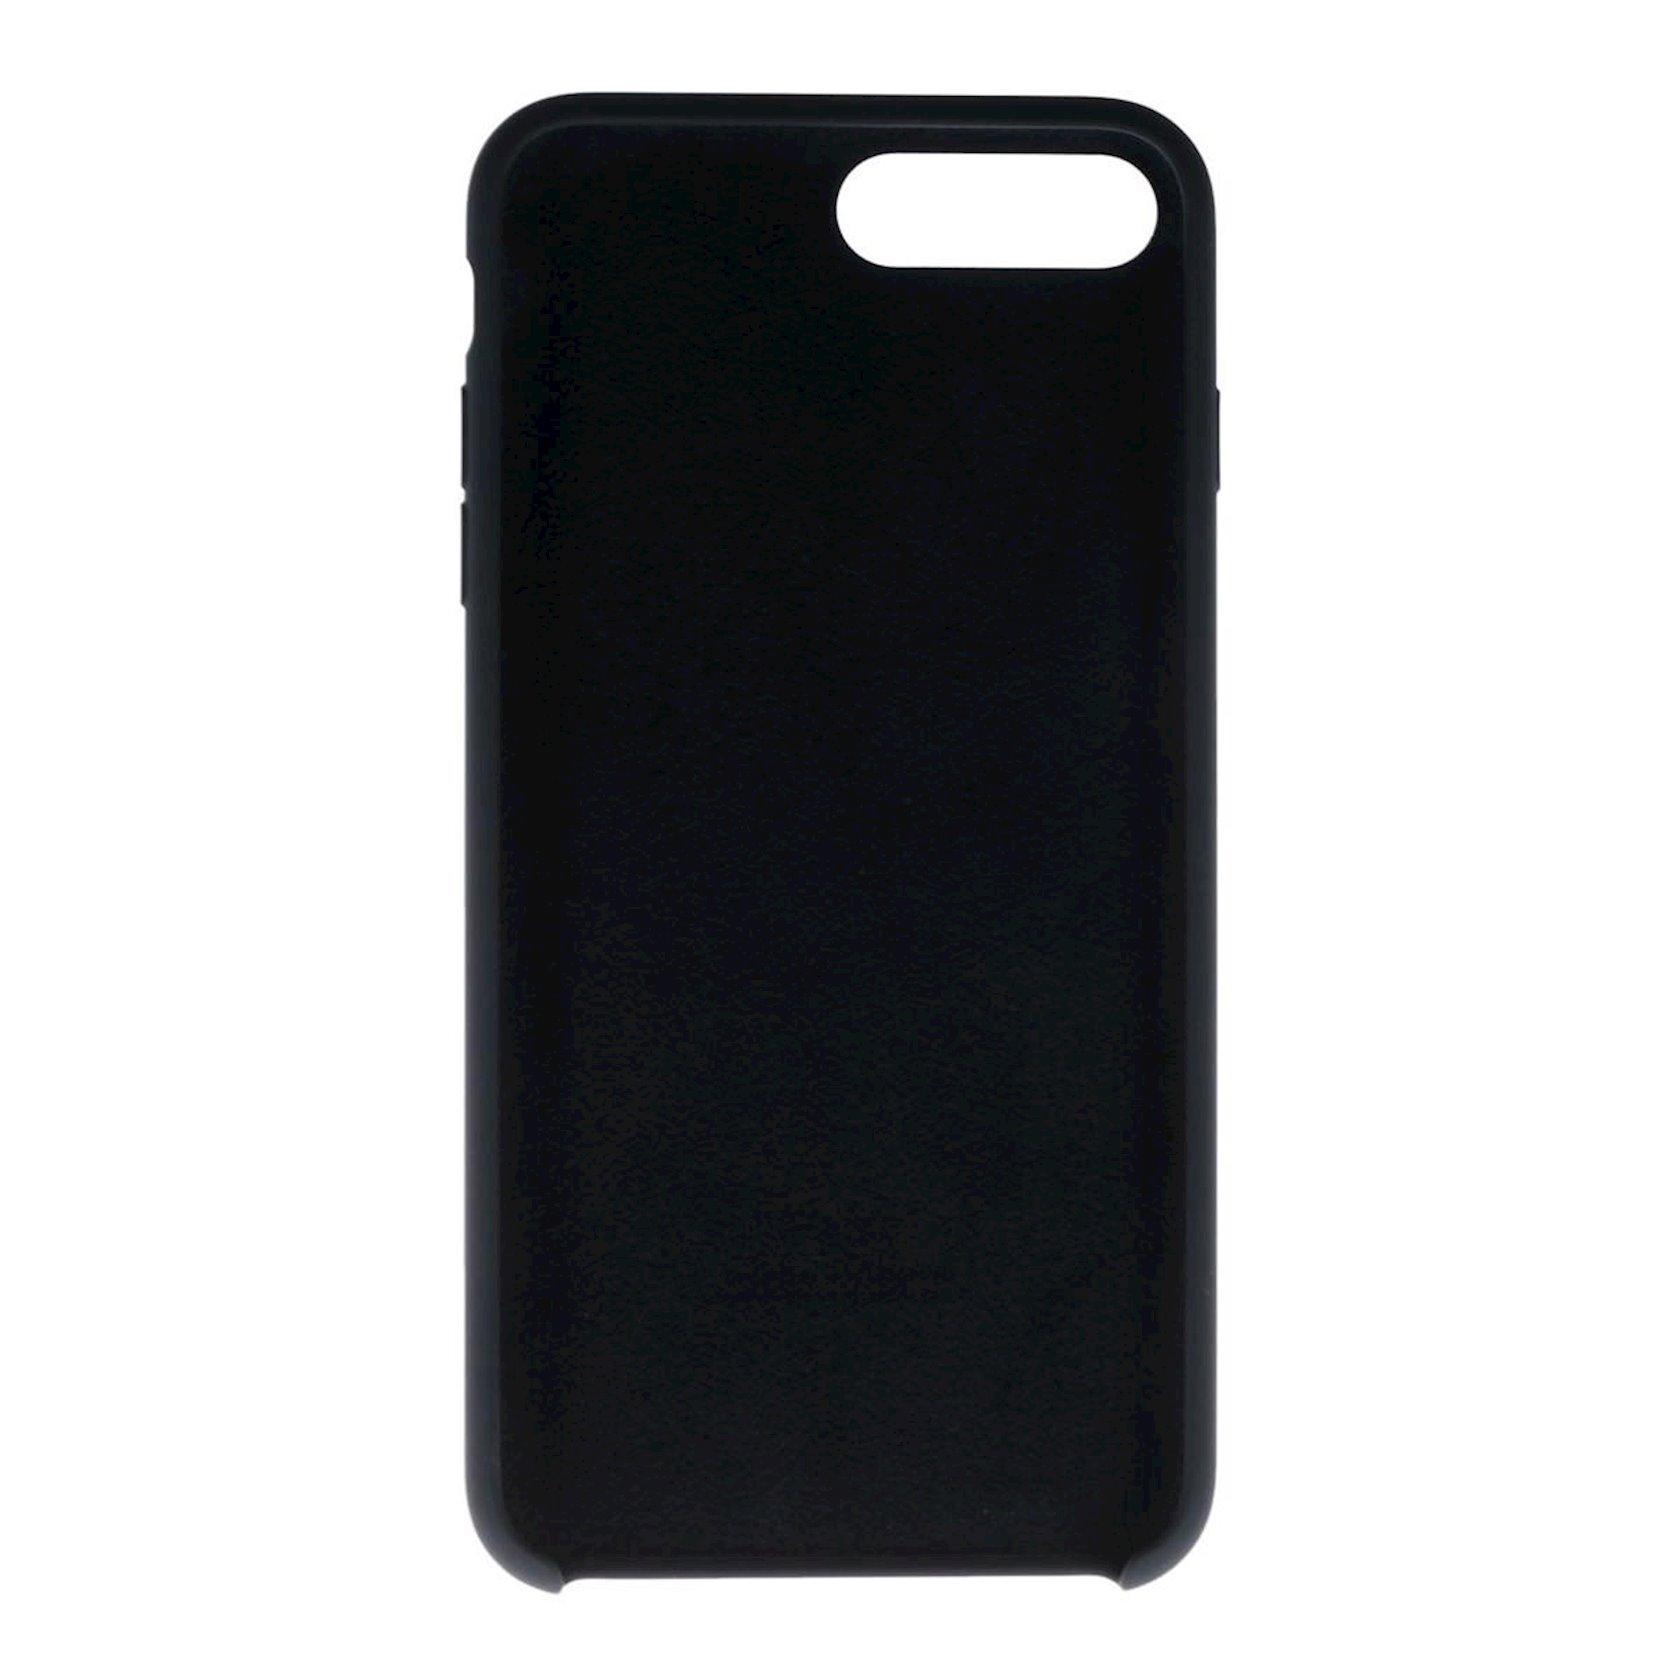 Çexol  Apple iPhone 7 Plus/8 PlusSilicone Black